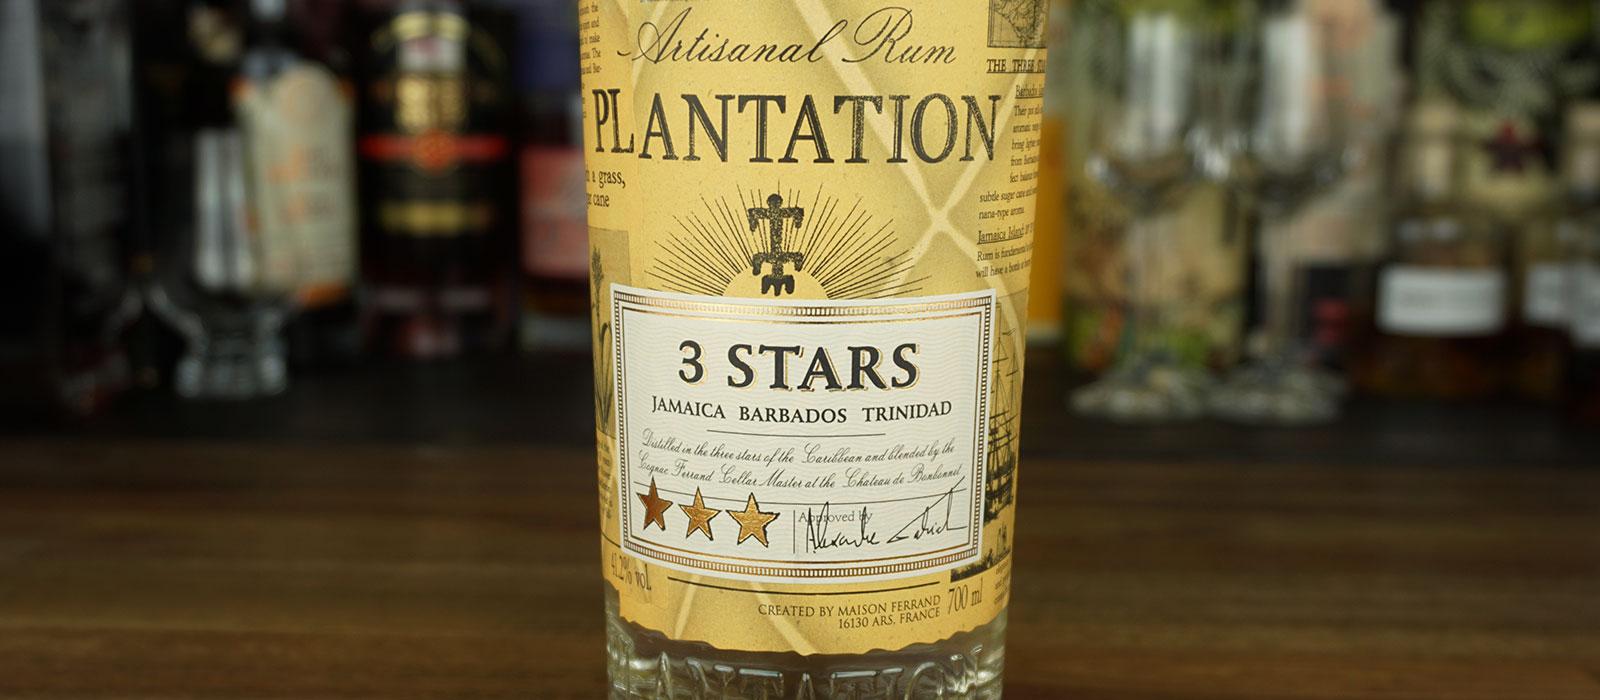 Åttonde plats 2020: Plantation 3 Stars